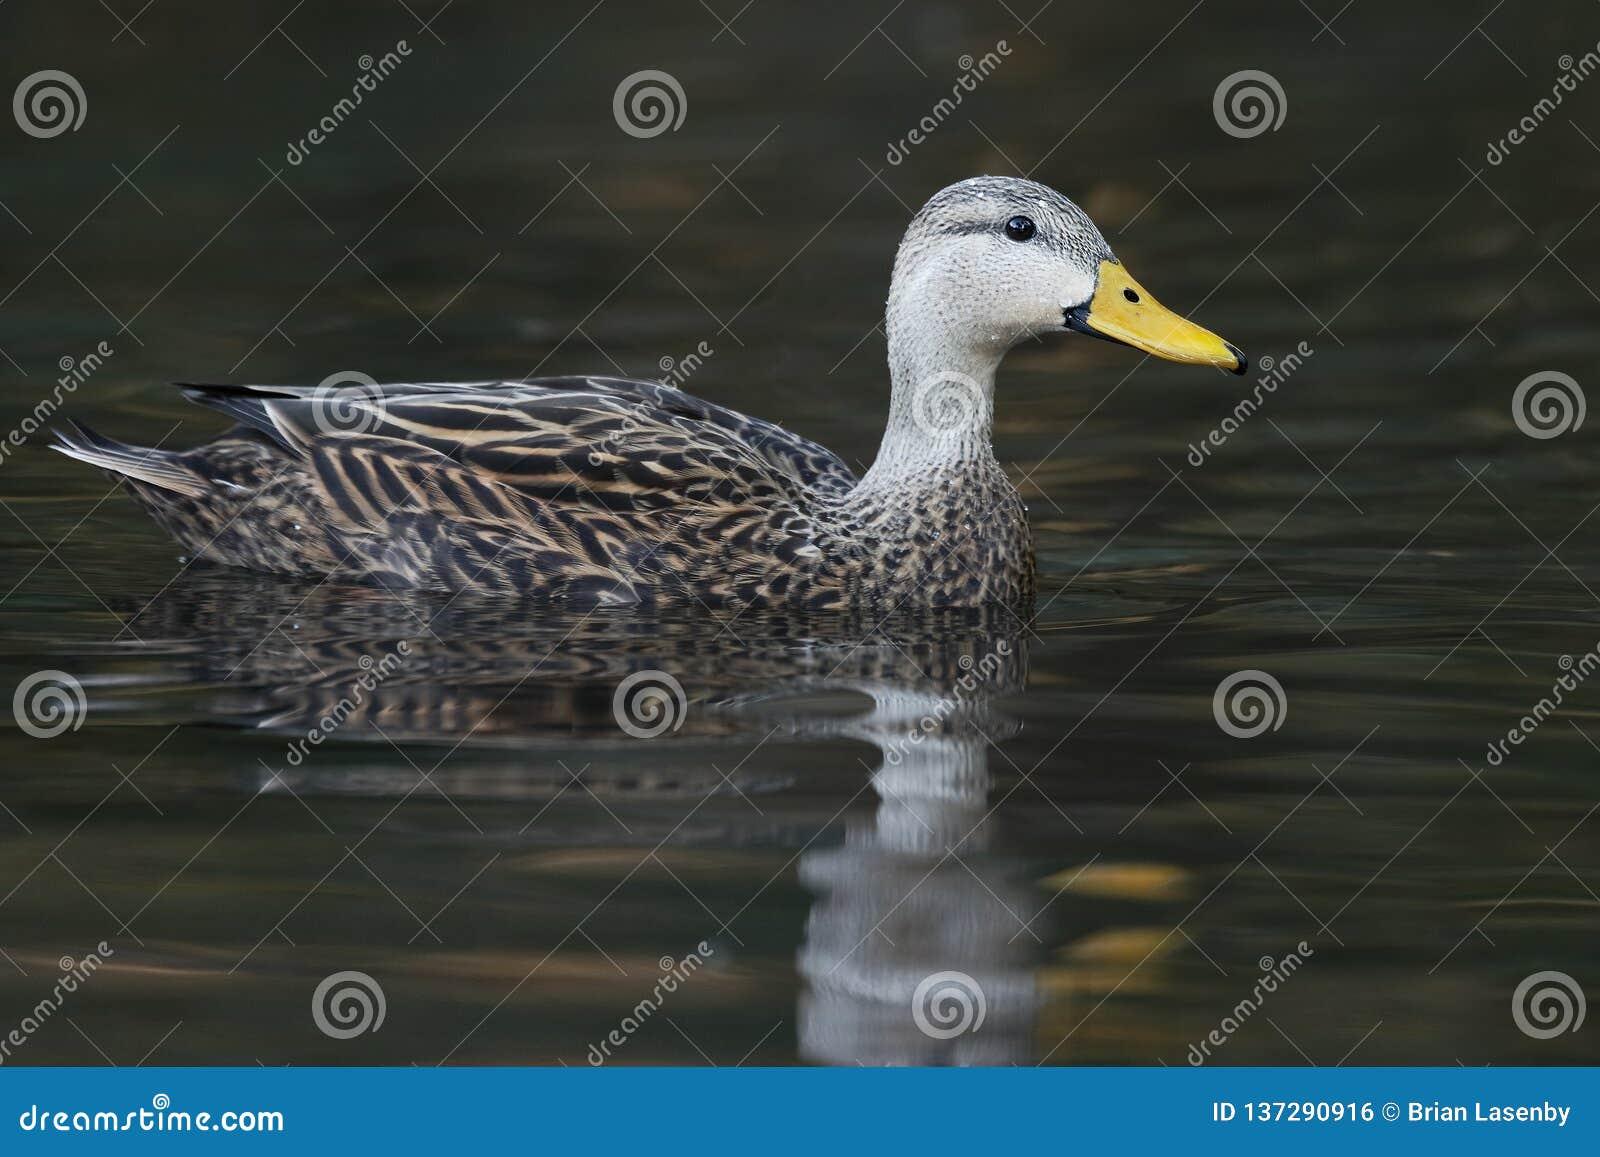 Pato sarapintado masculino que nada em um rio - Florida